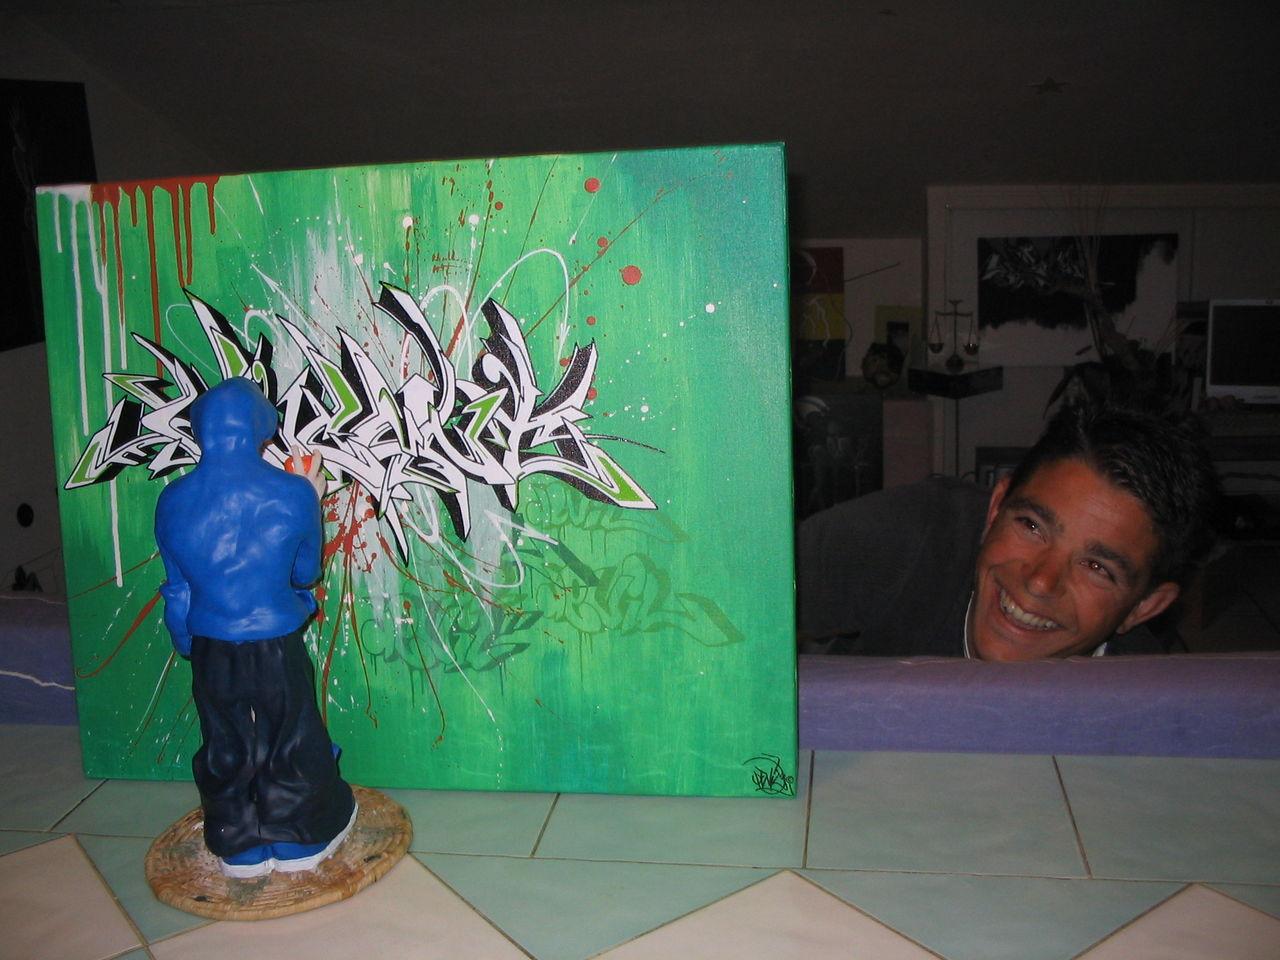 souad halima-rihoum dit SWAD en tant qu'artiste IMG_1382